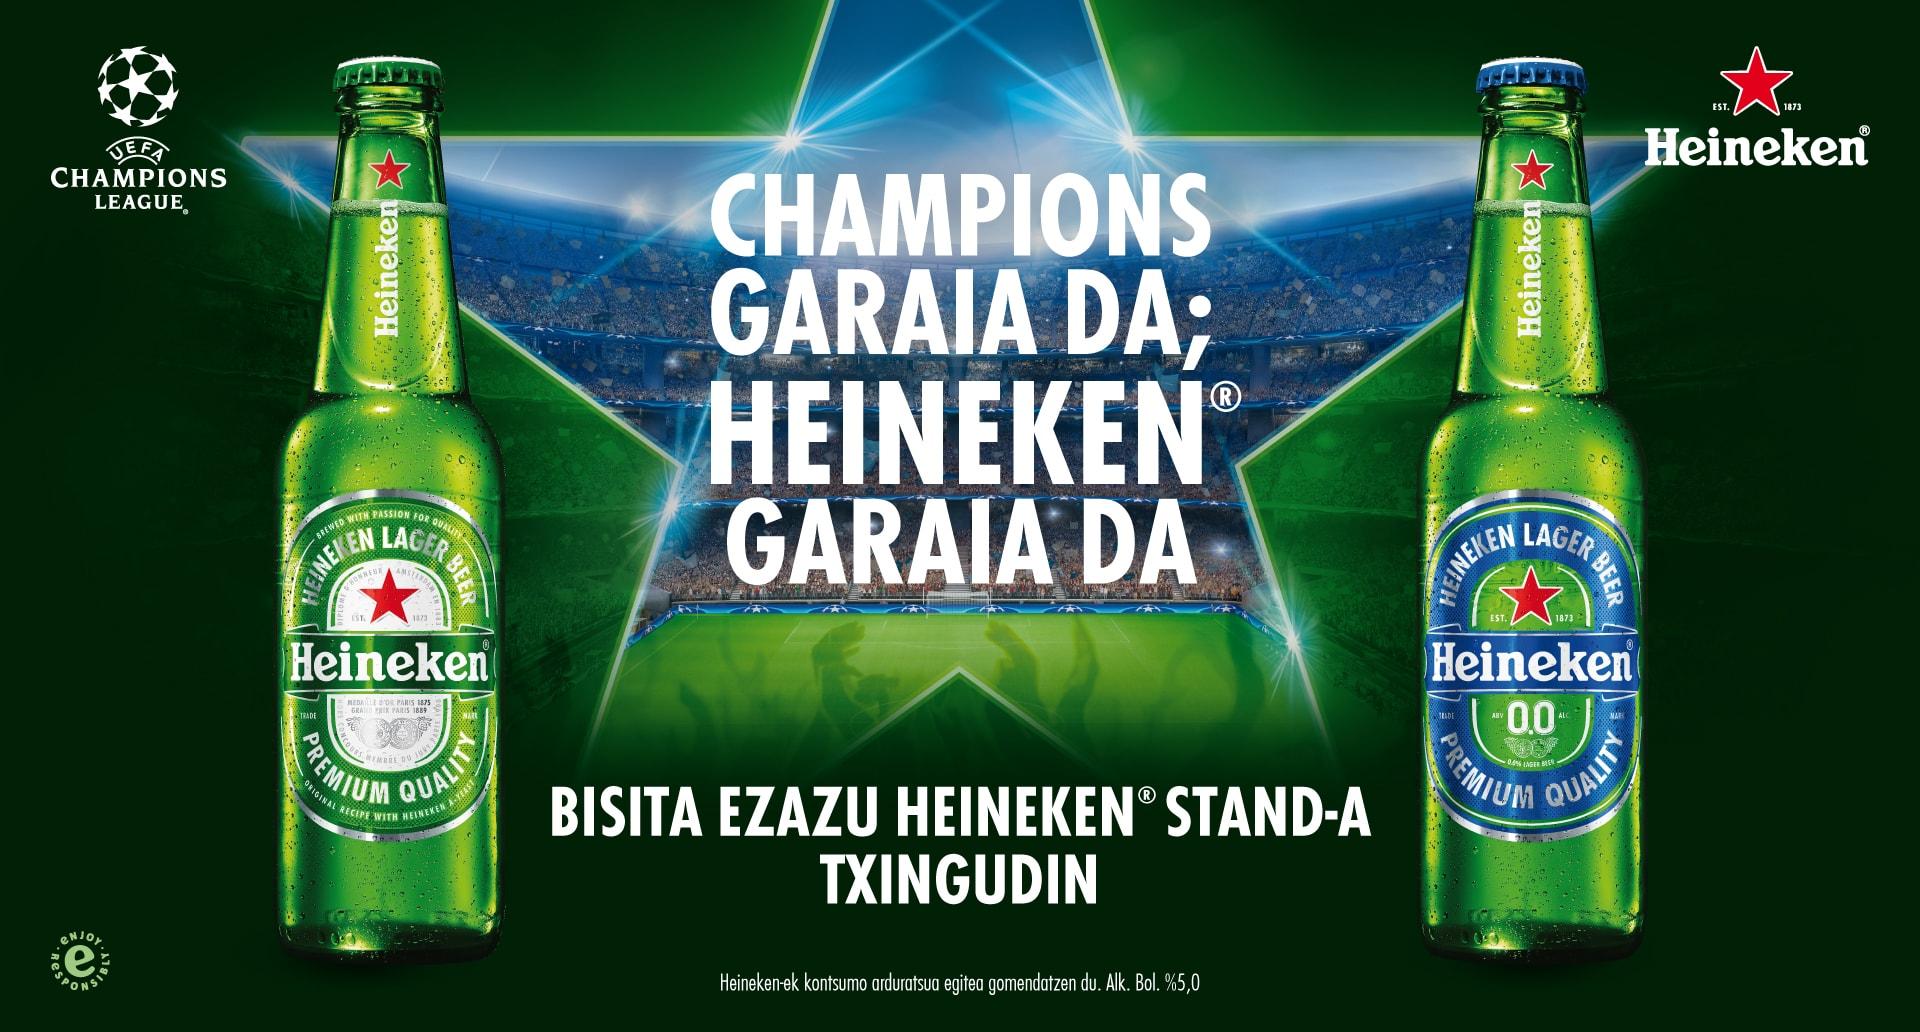 Champions garaia da; Heineken garaia da